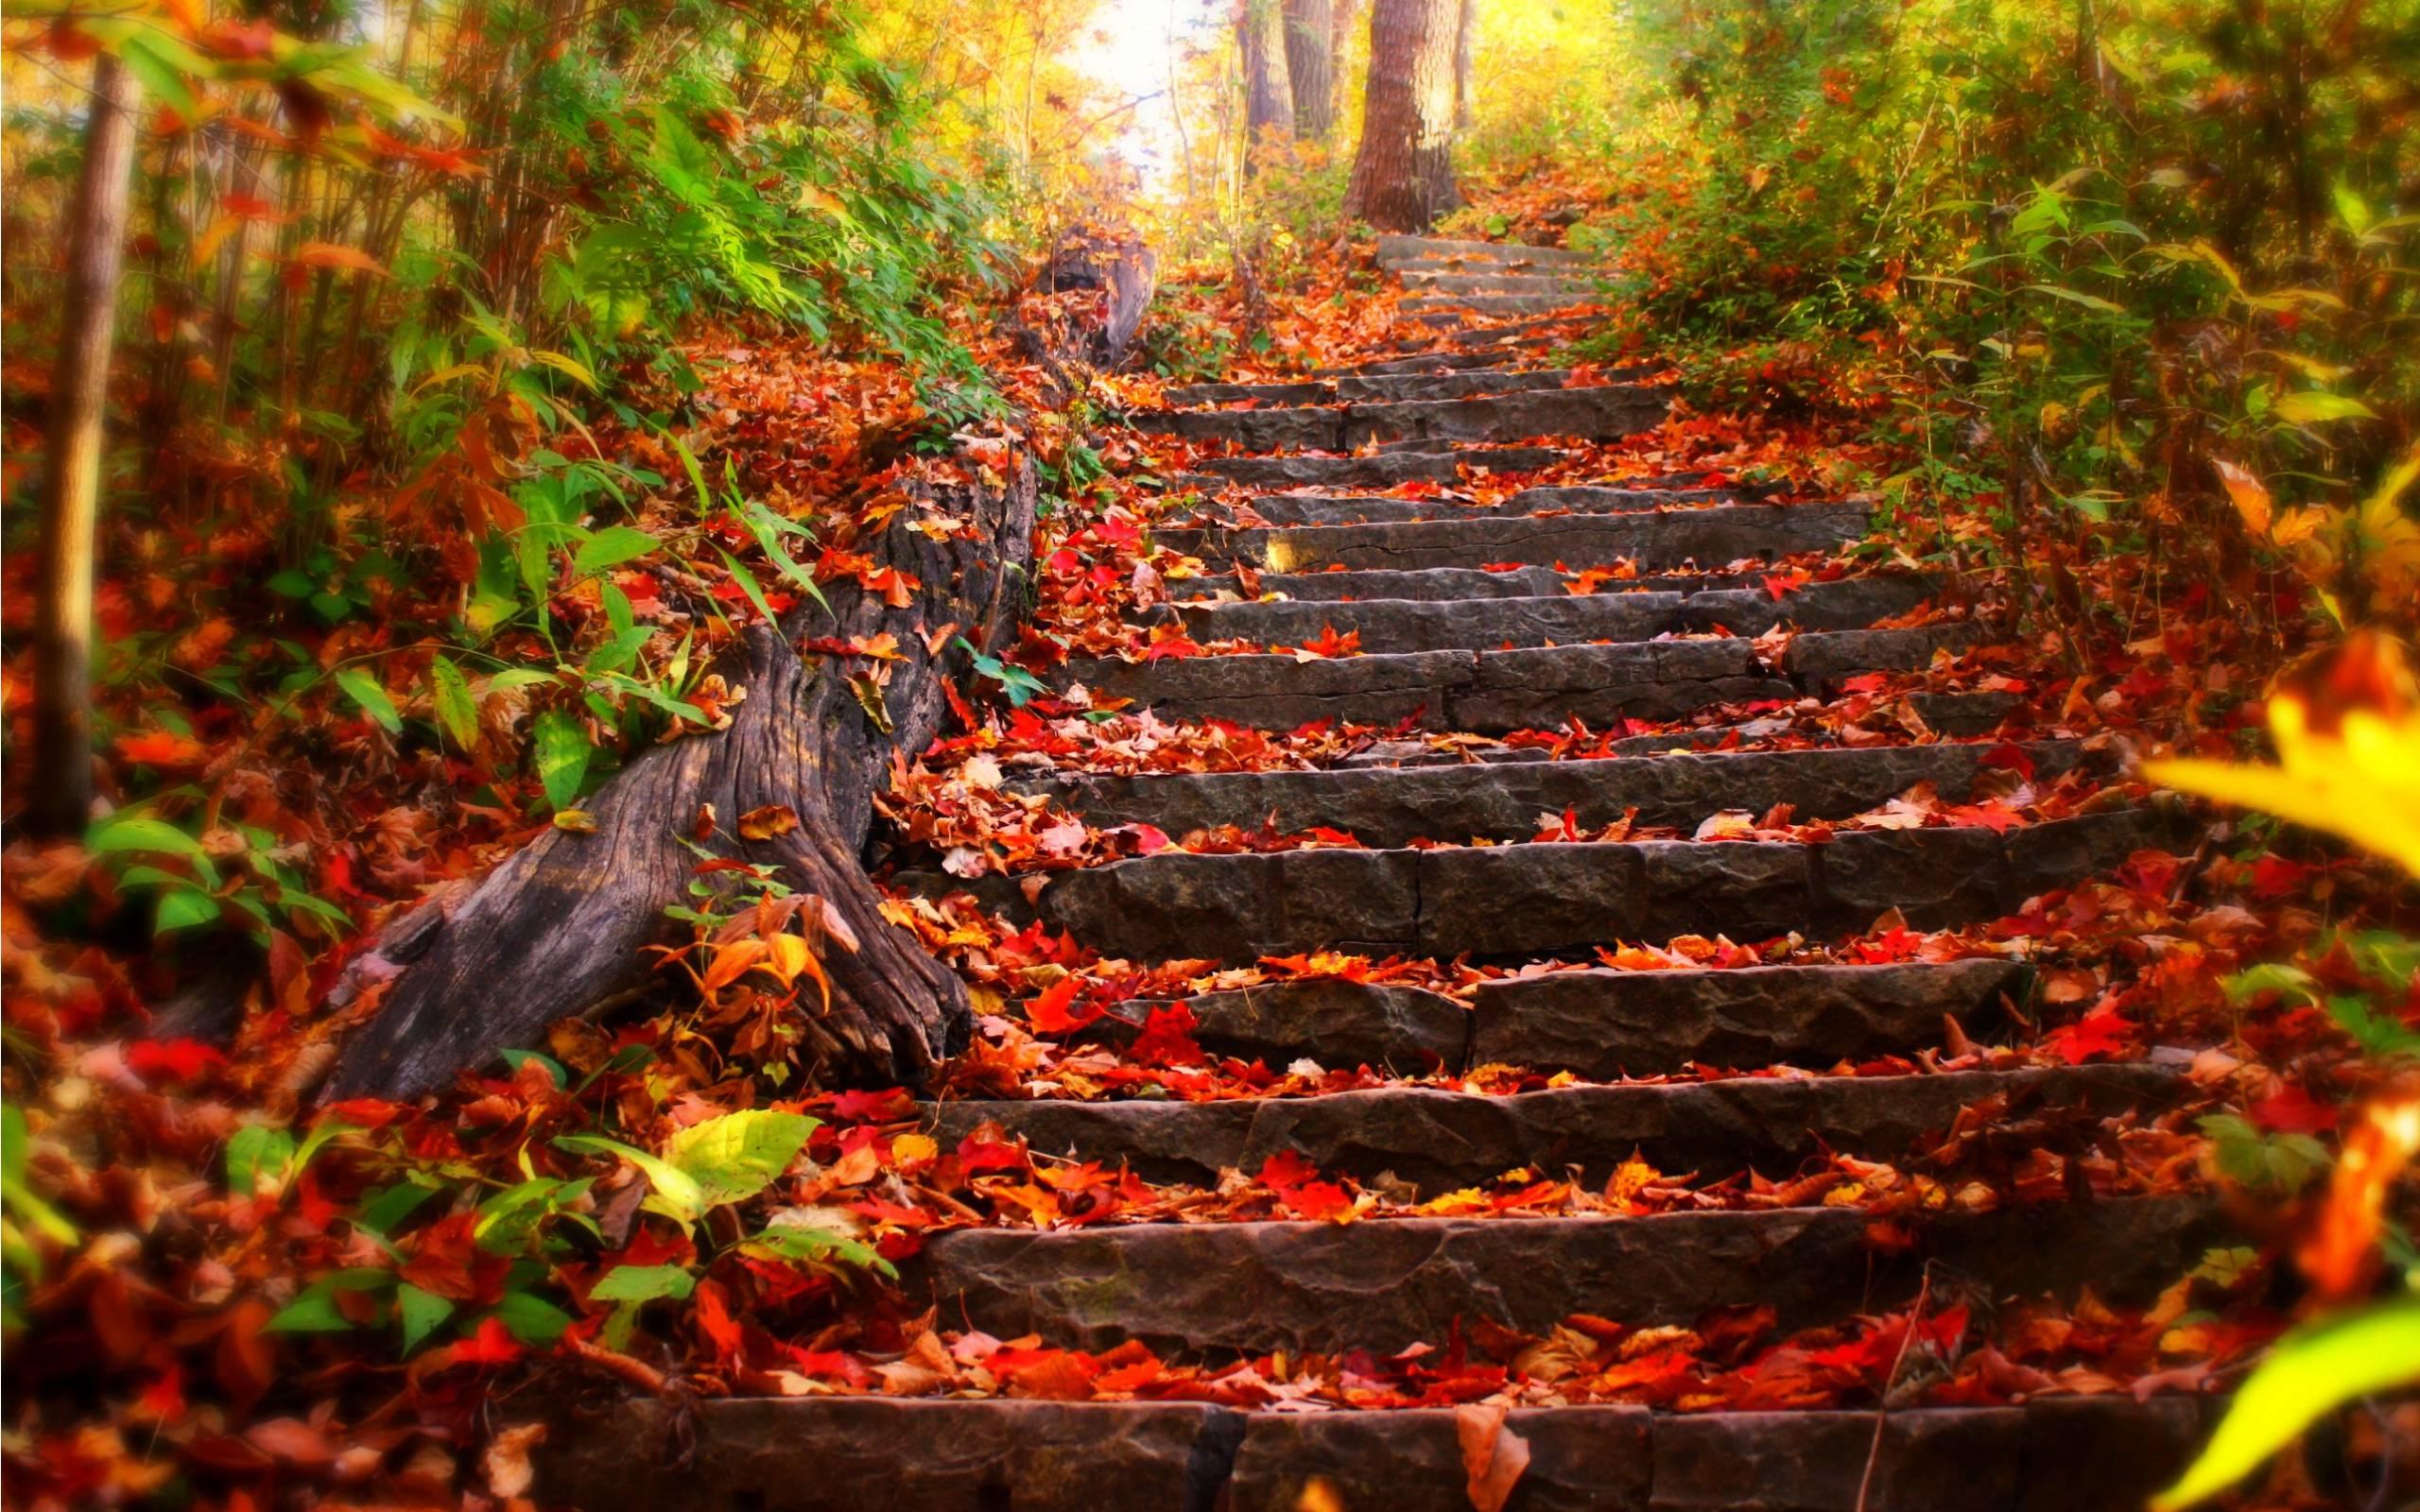 Autumn Desktop Wallpaper Backgrounds 2560x1600